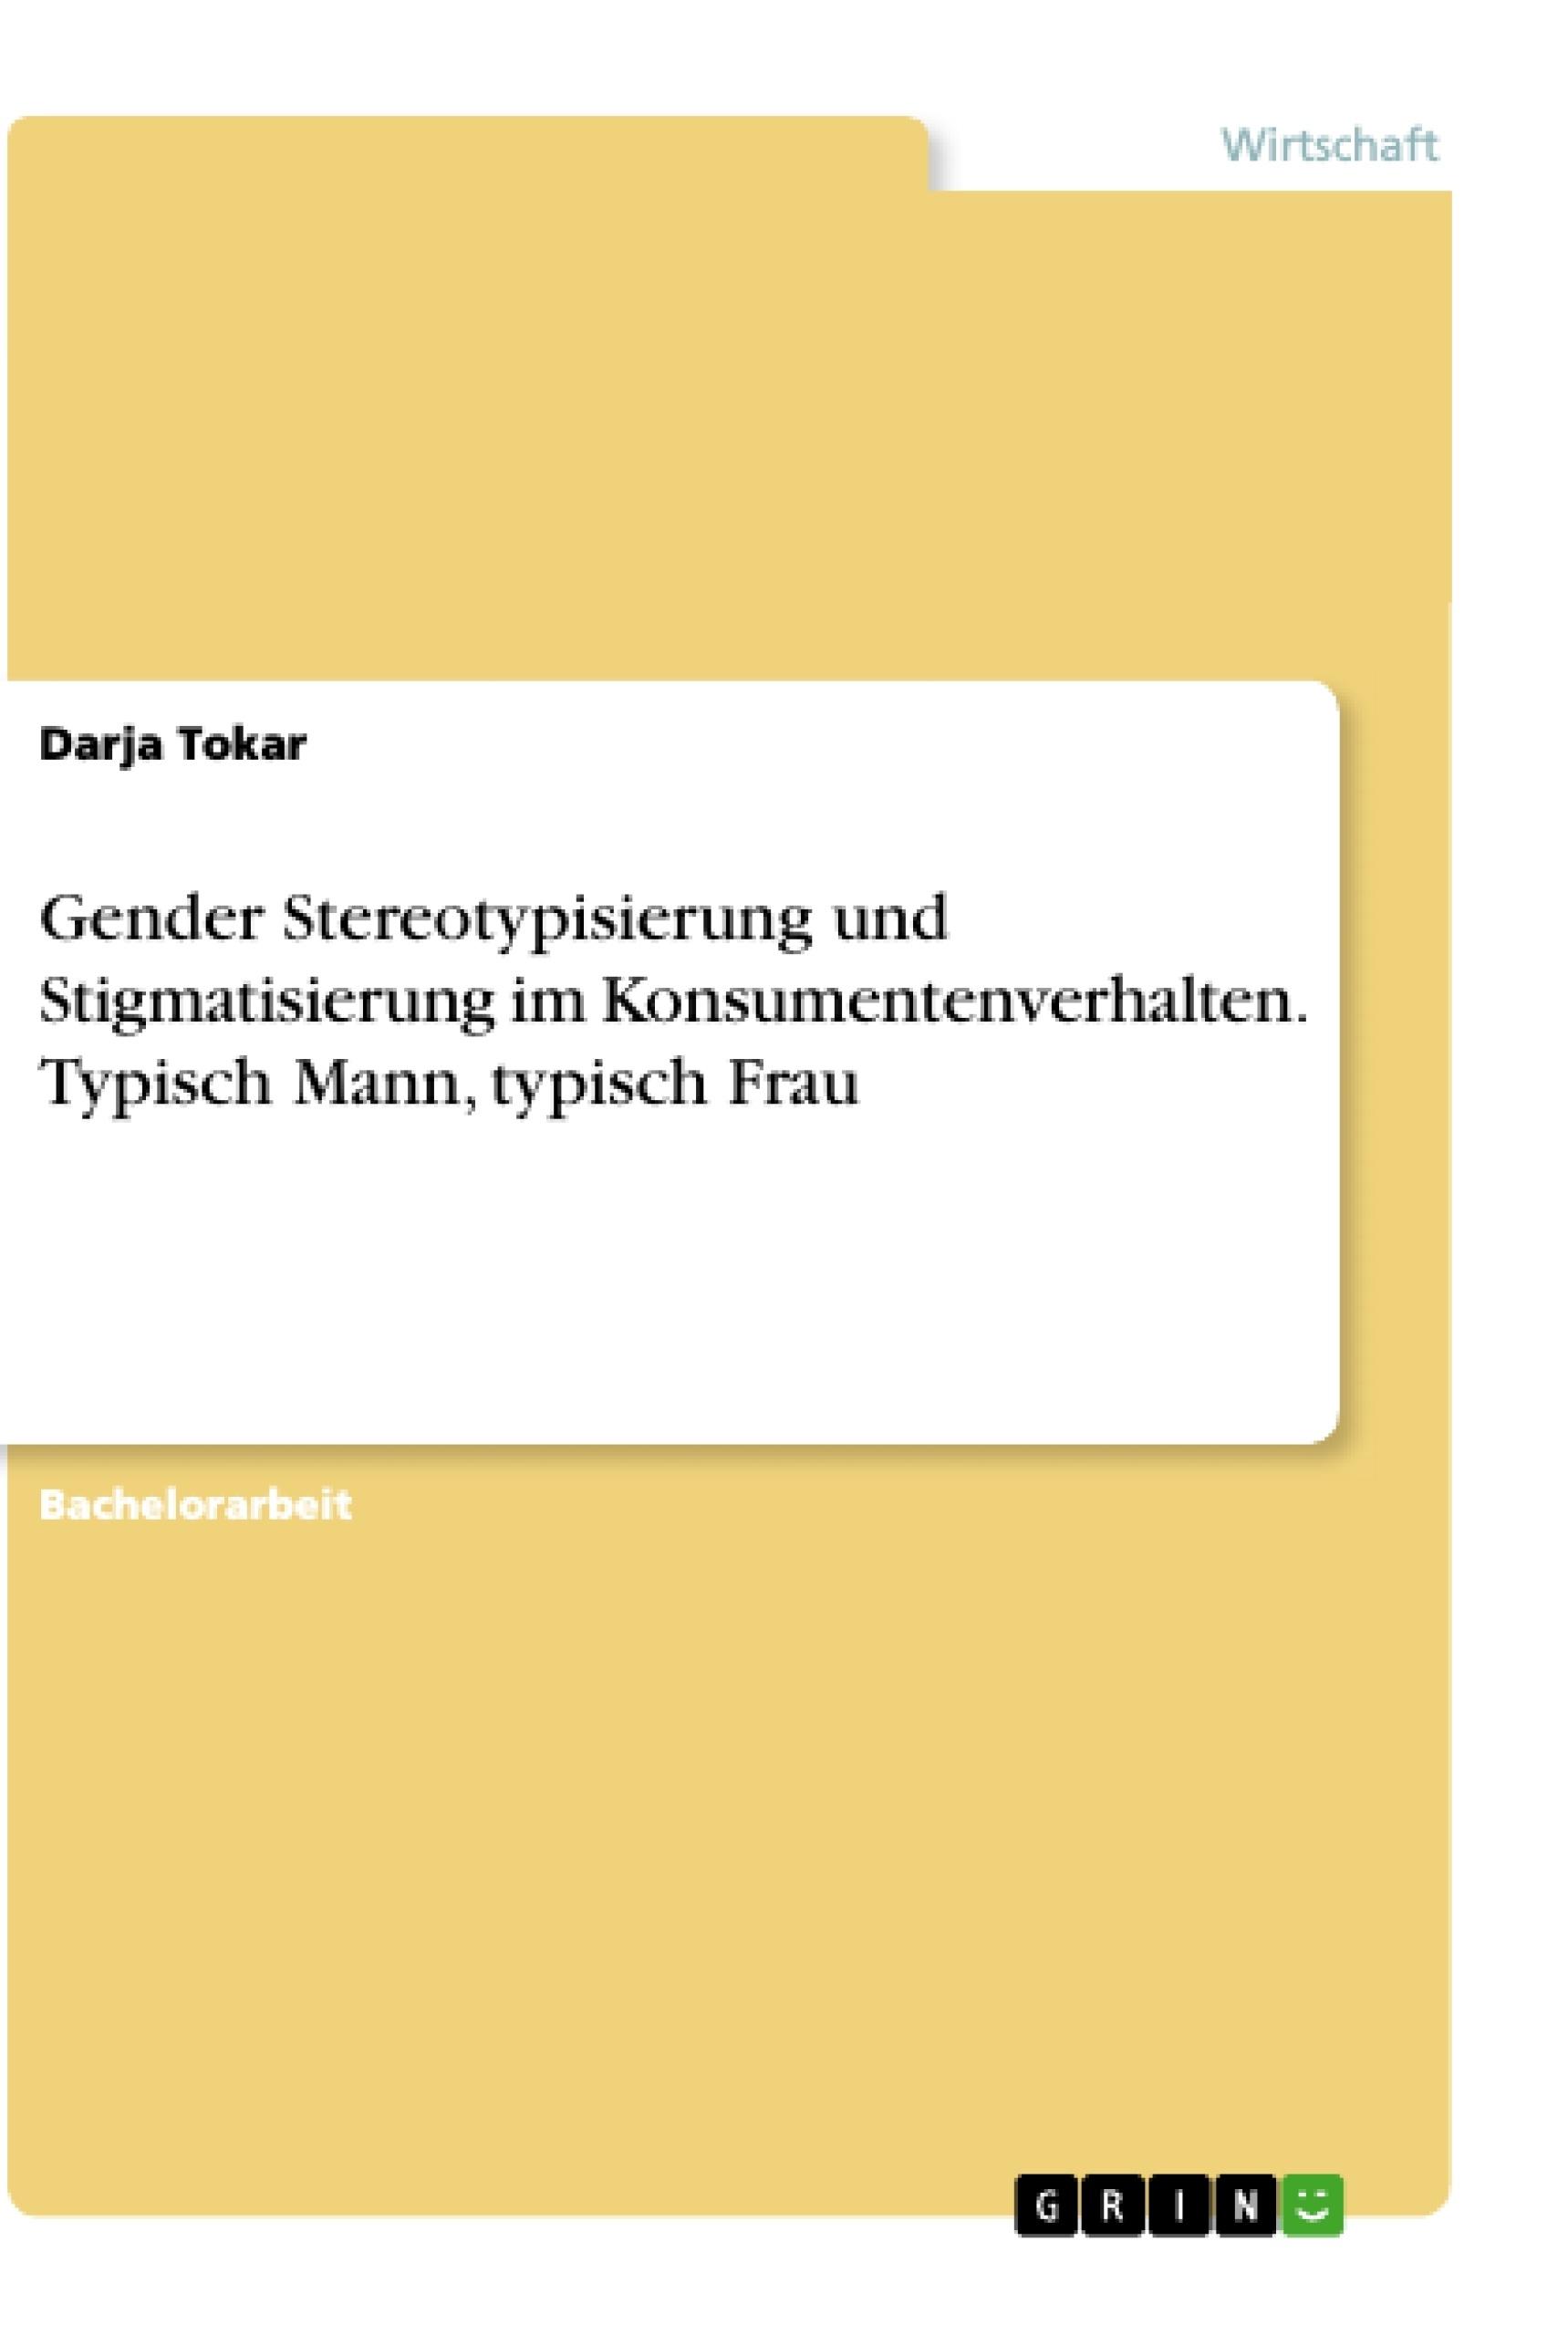 Titel: Gender Stereotypisierung und Stigmatisierung im Konsumentenverhalten. Typisch Mann, typisch Frau